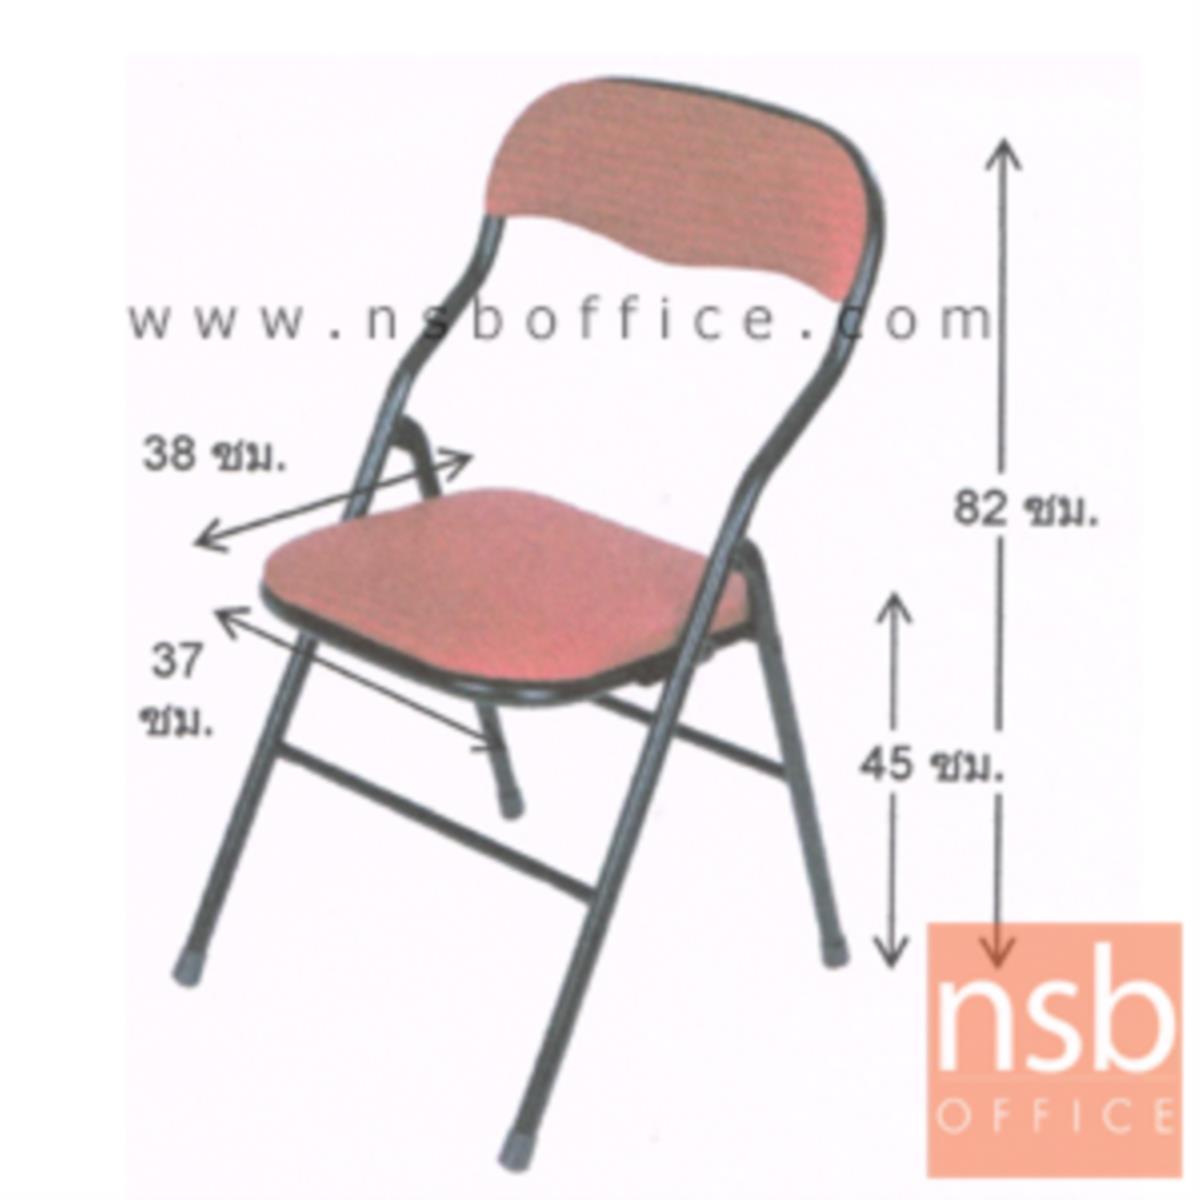 เก้าอี้พับที่นั่งหุ้มเบาะหนัง รุ่น KING ขาเหล็กสีดำ